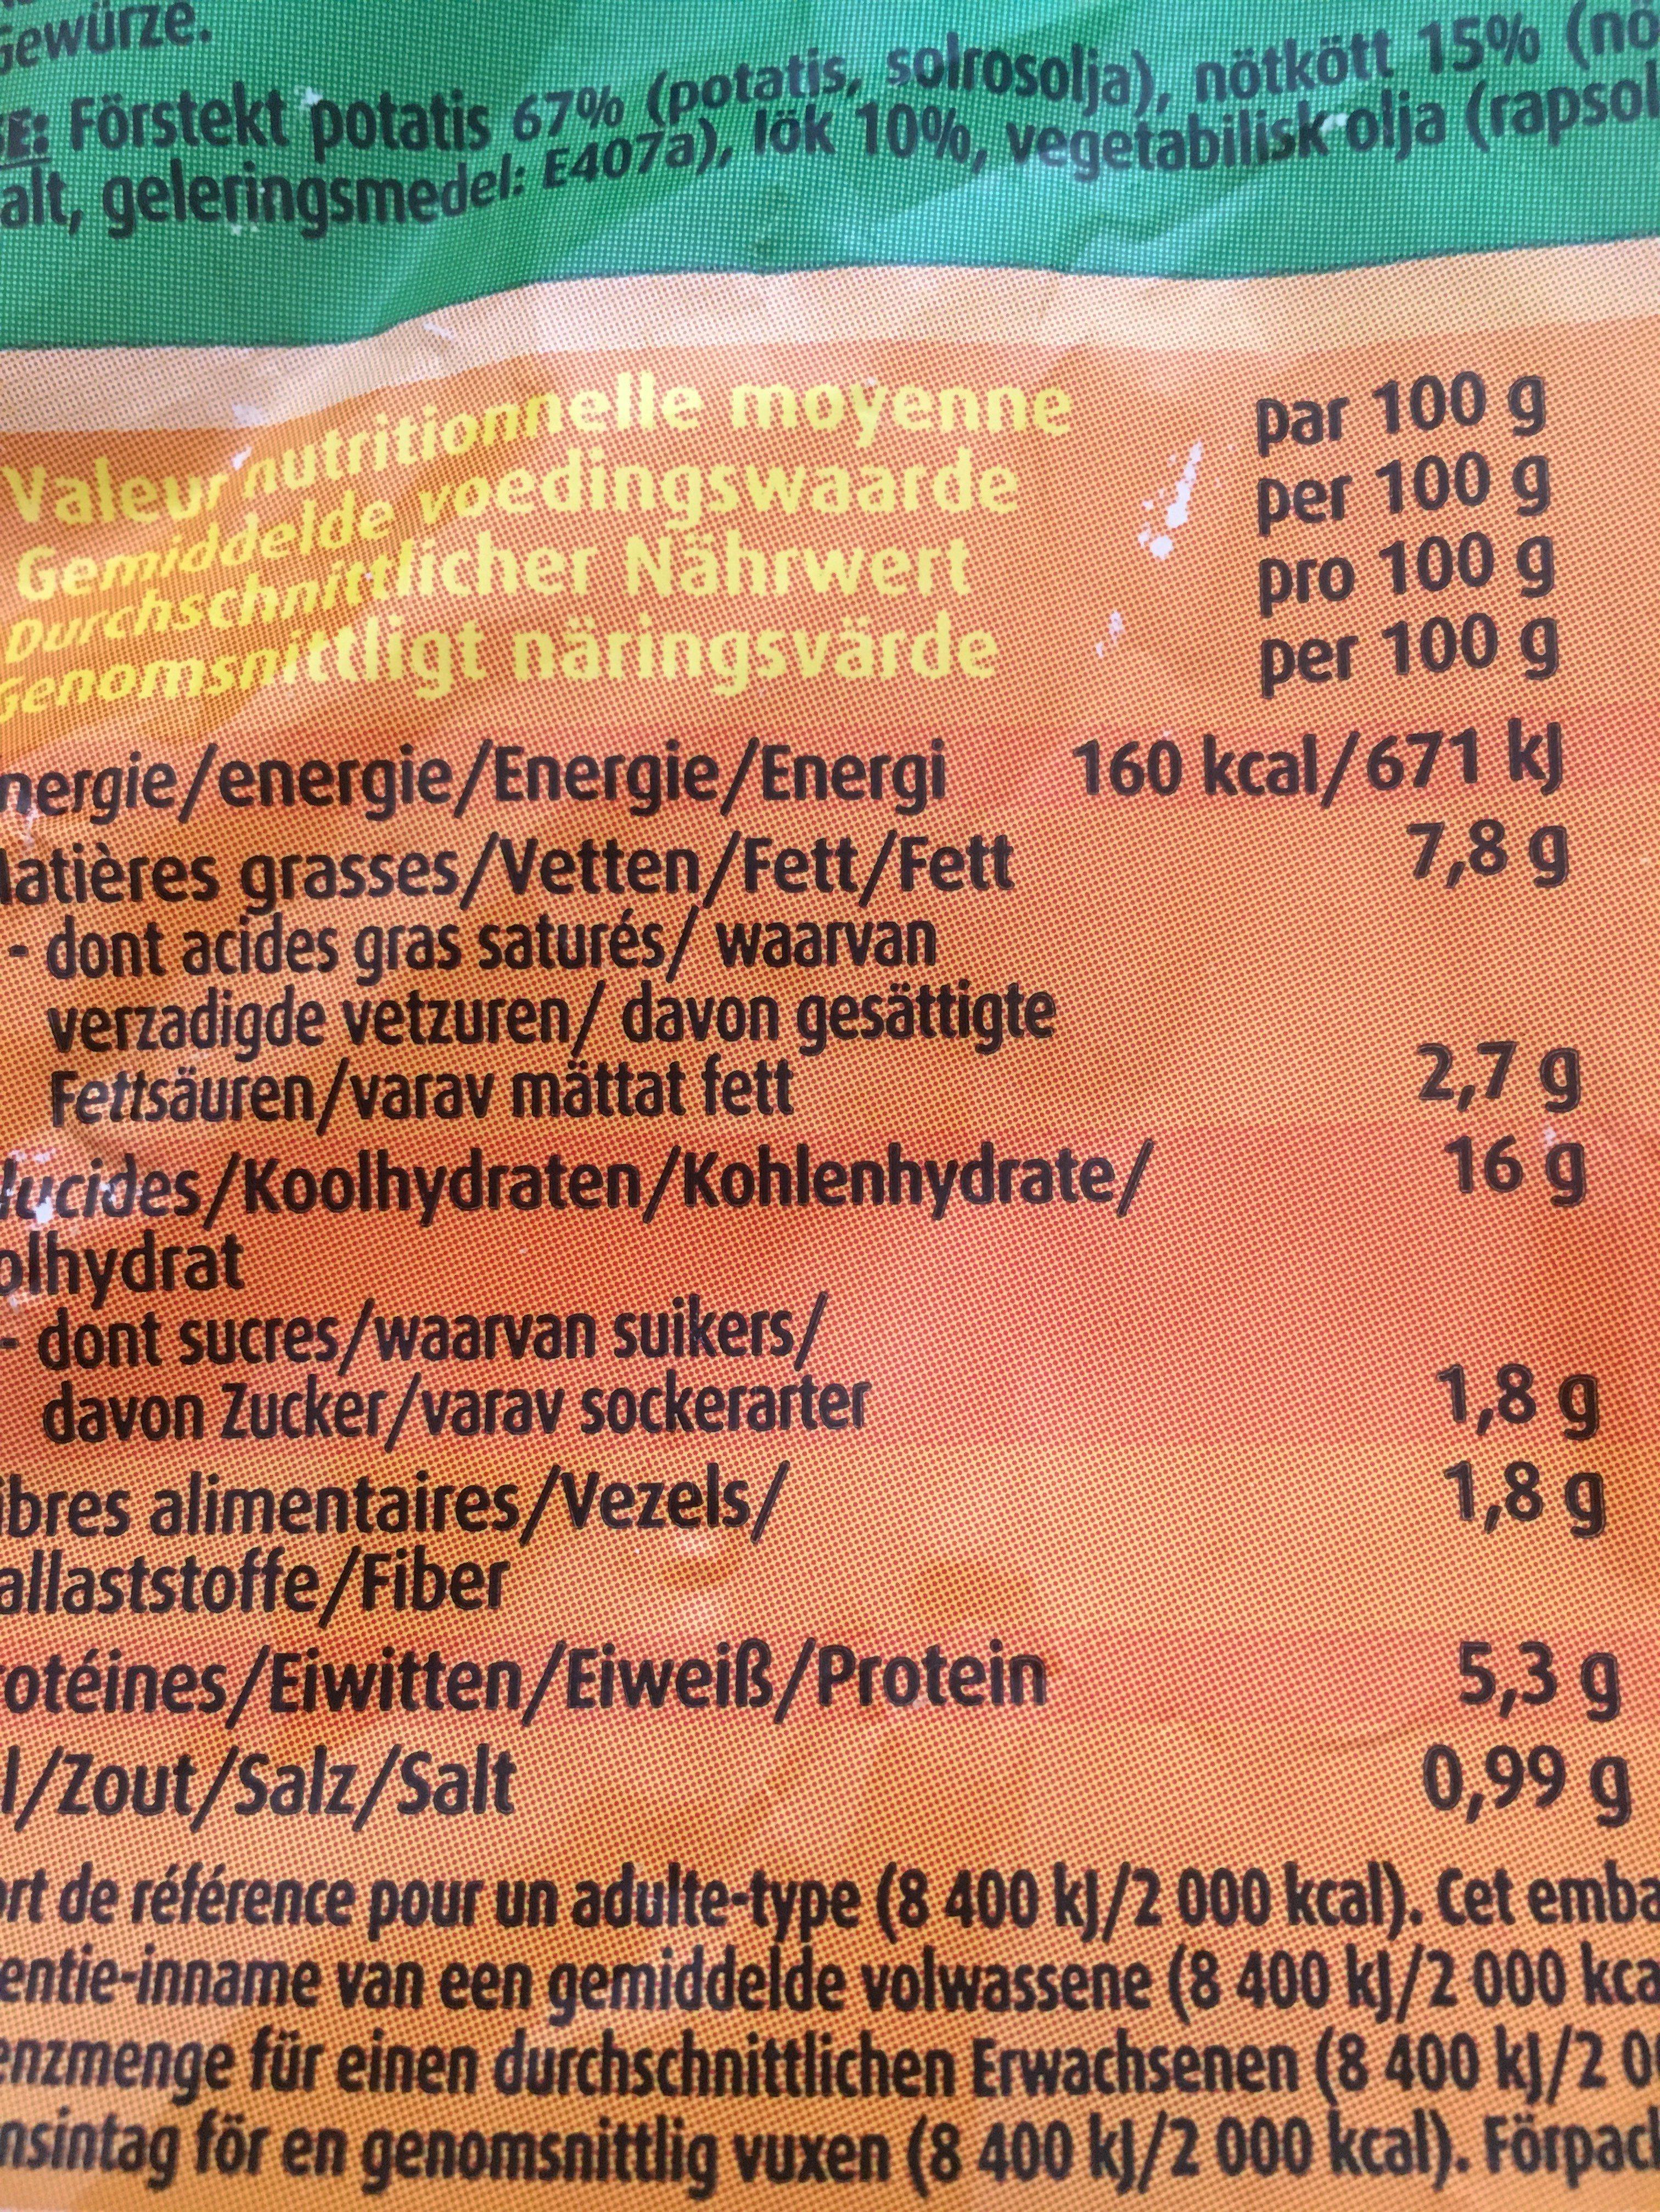 Poelee campagnarde - Ingredients